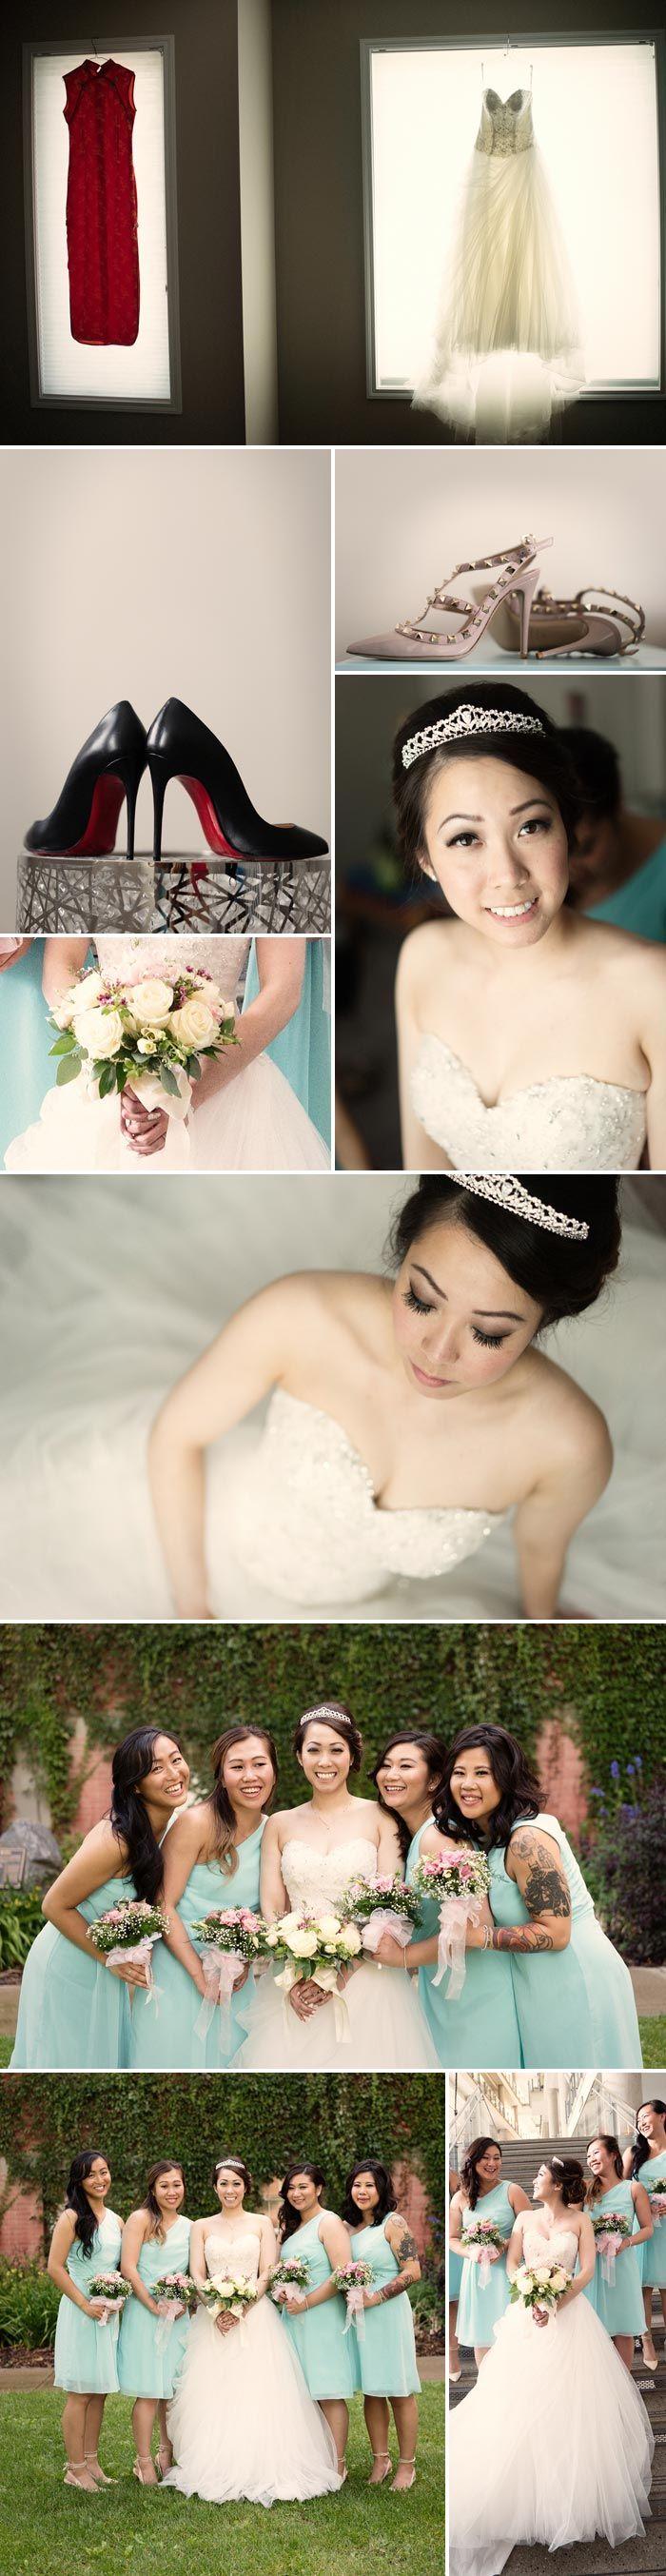 Chinesische Hochzeit: Braut mit Brautjungfern in Türkis. Fotos: © Daphne Chen Photography